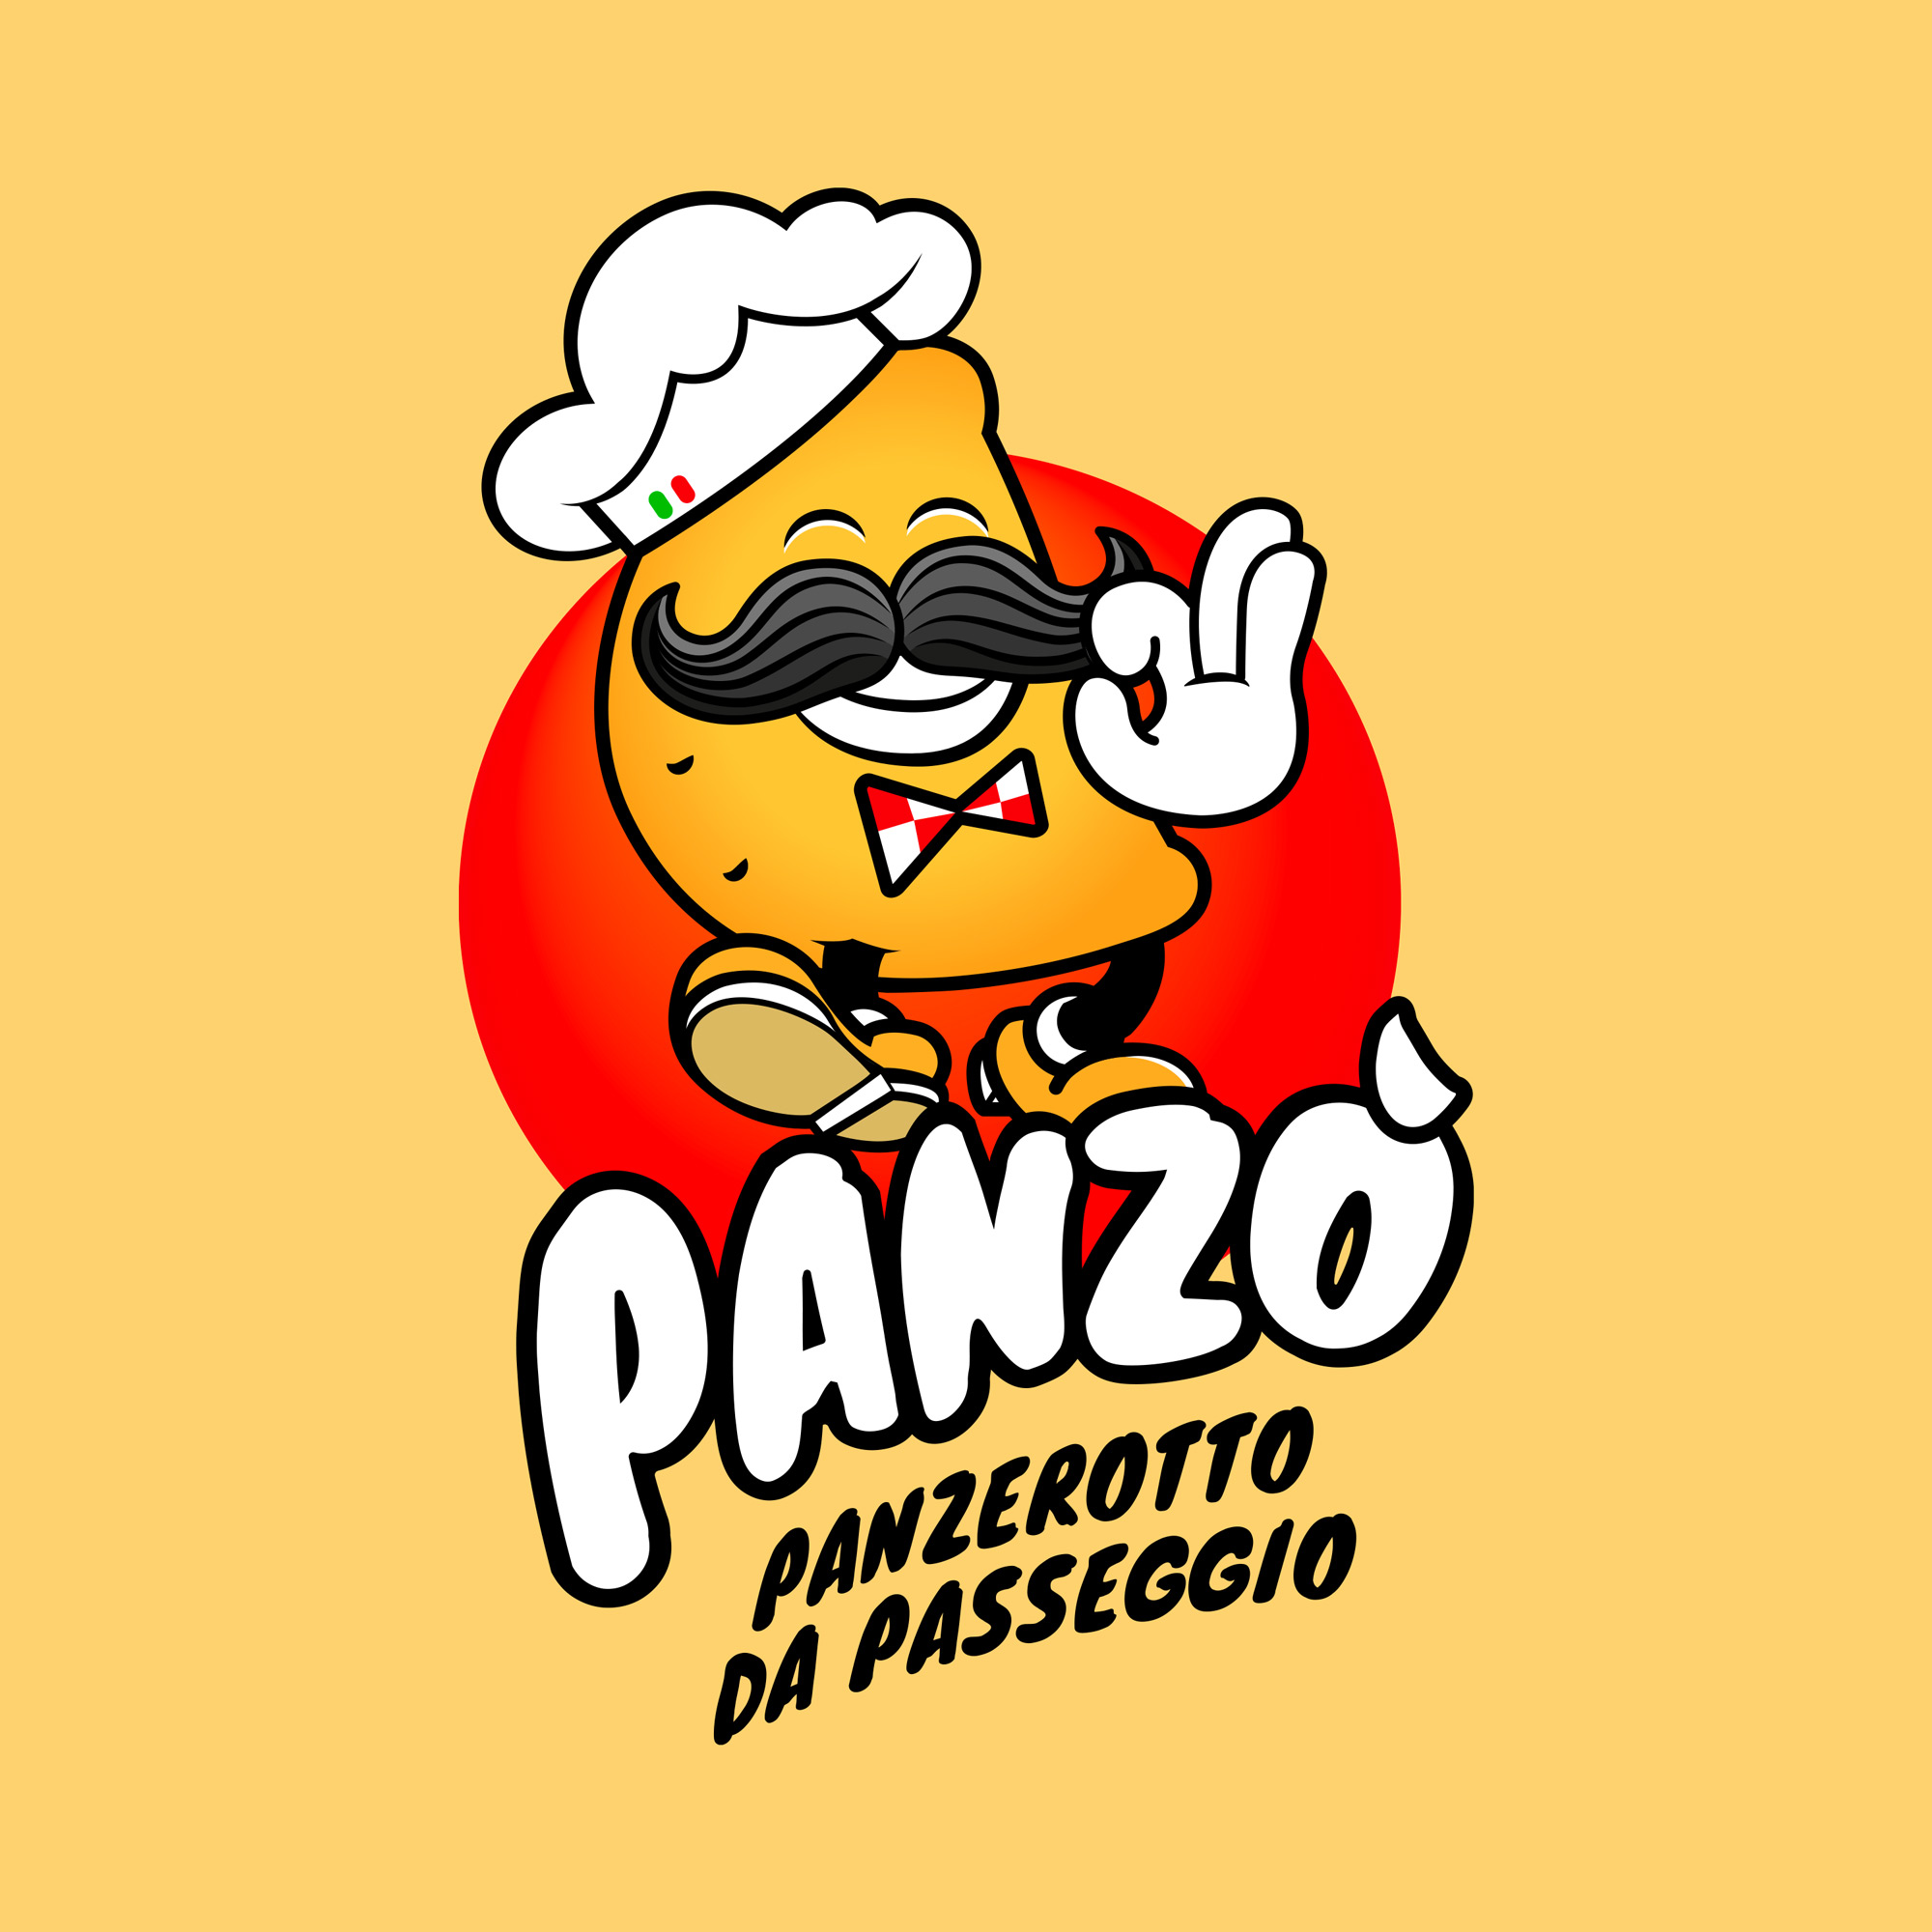 Panzò - Panzerotto da passeggio. logo by GGCA